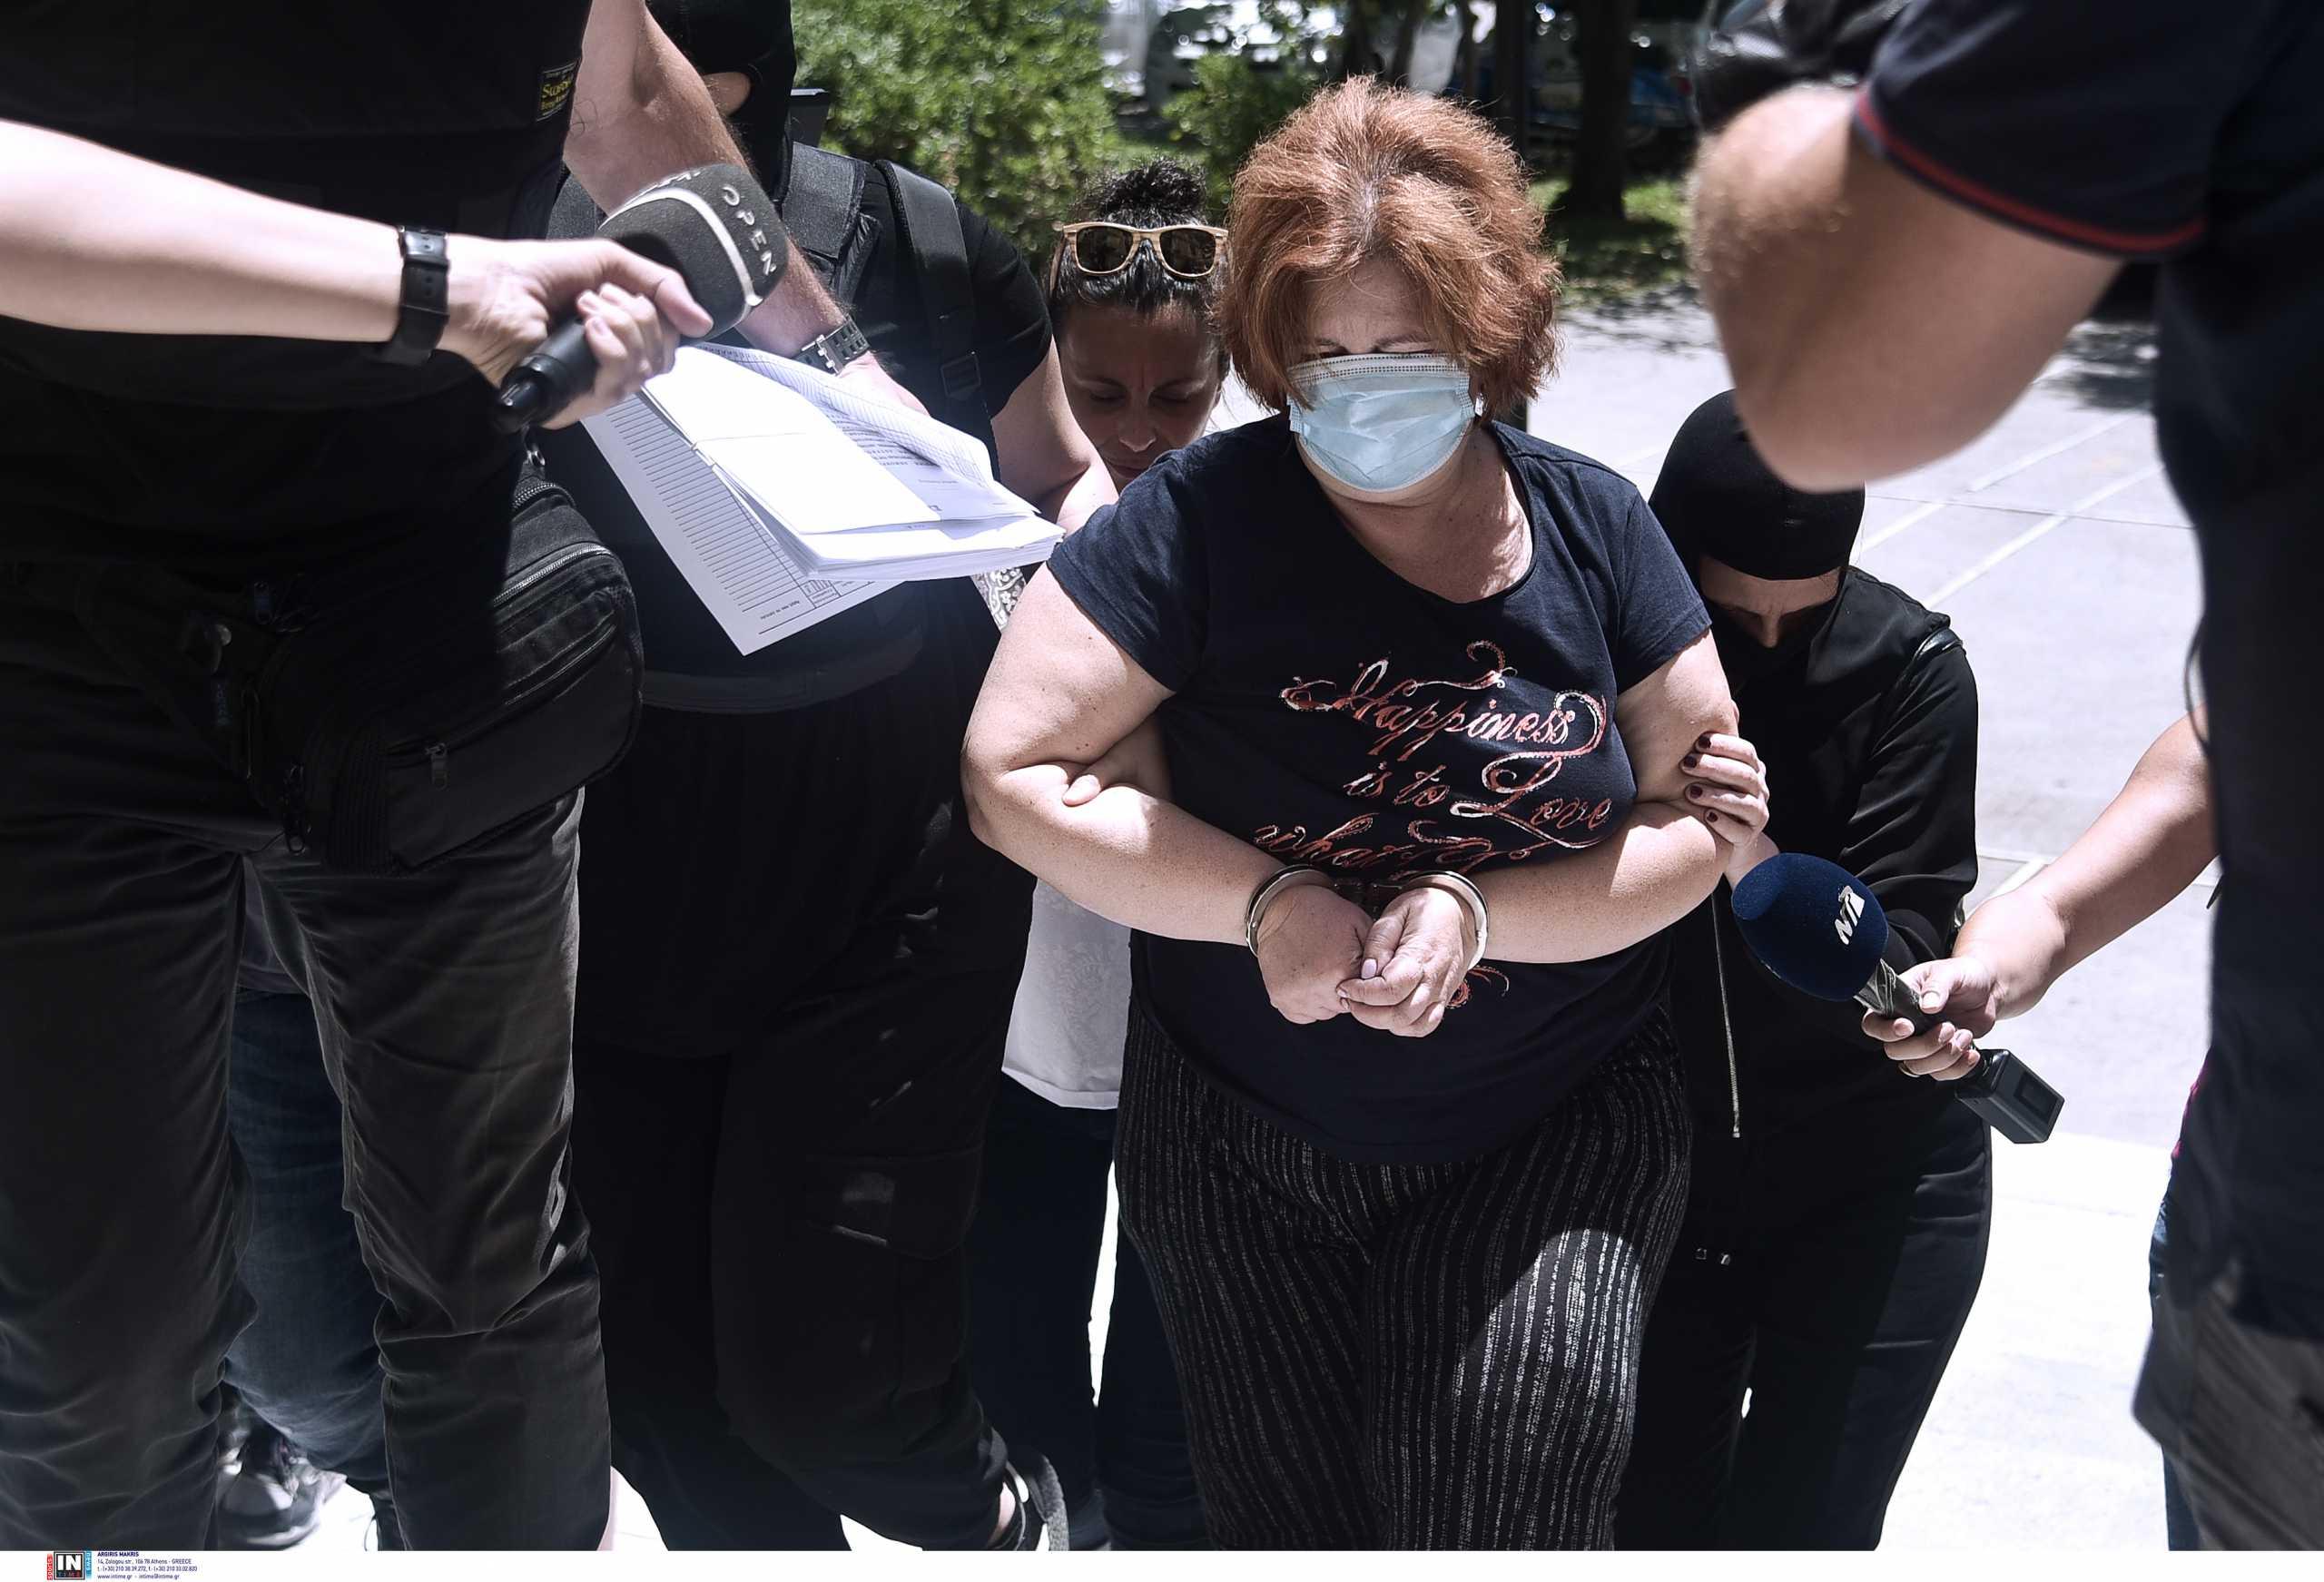 Αυτή είναι η Ελληνοουκρανή που έκρυβε στο σπίτι της τον Χρήστο Παππά